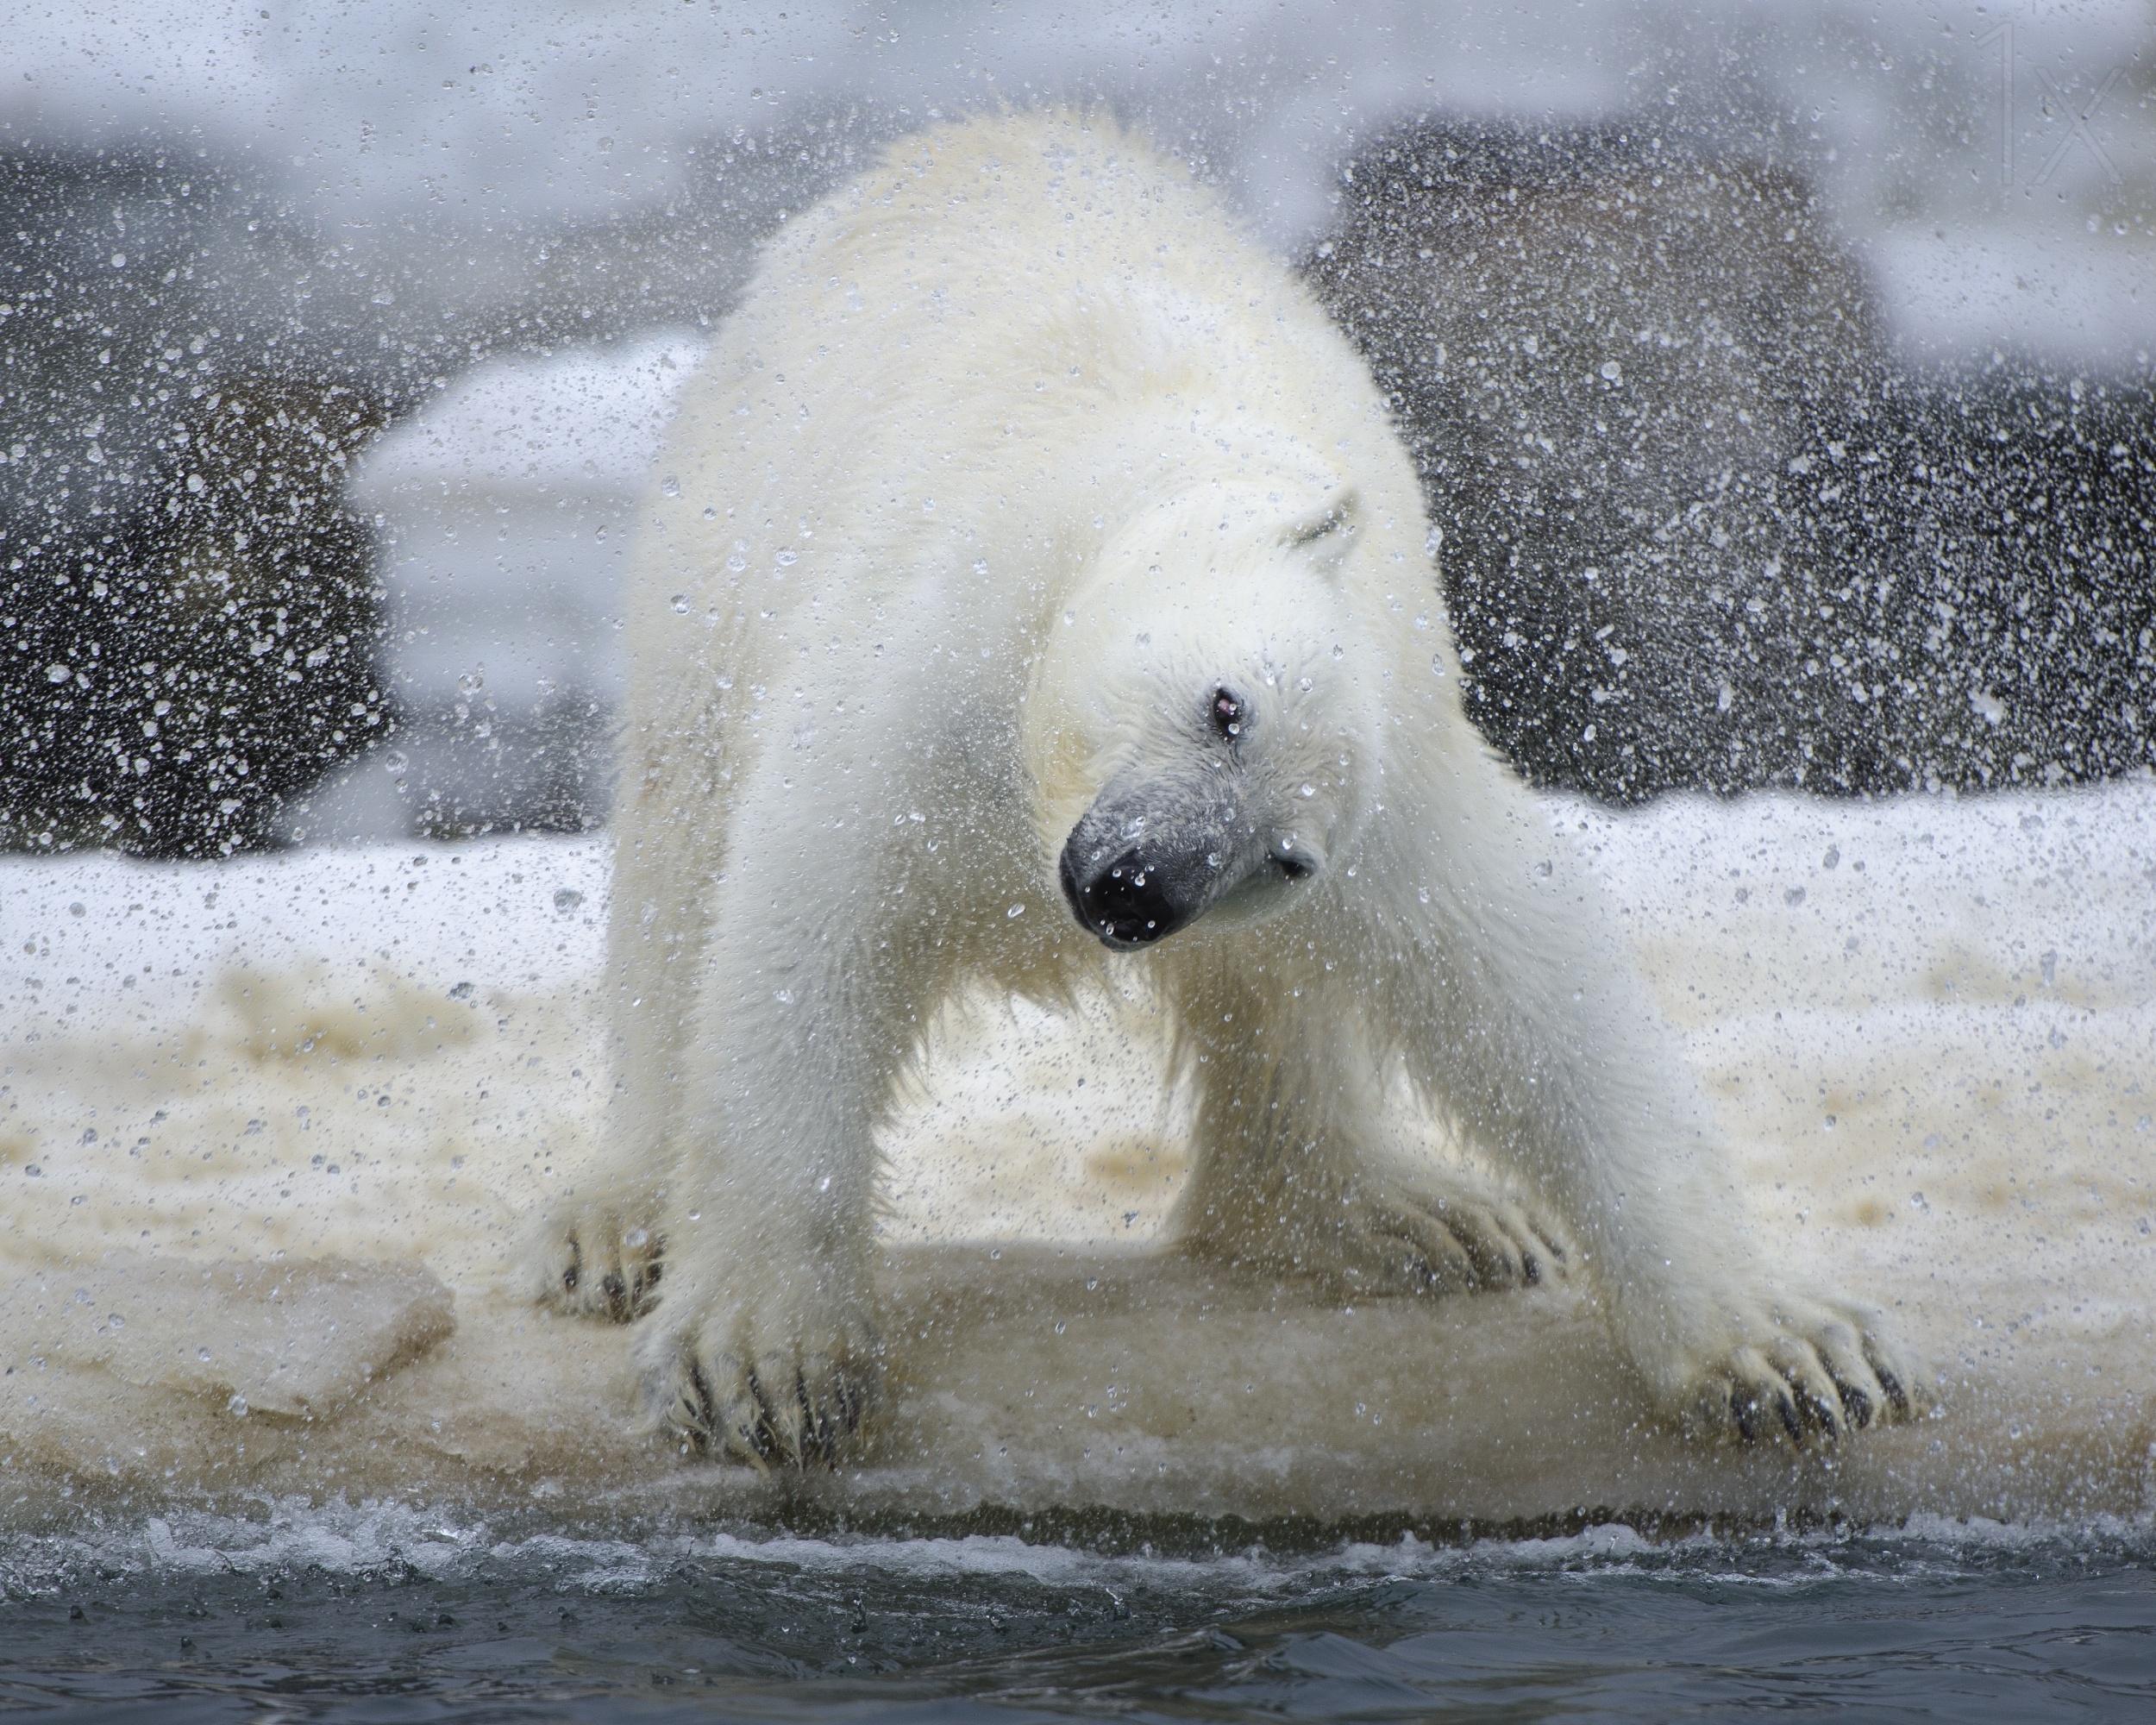 让人会心一笑 有趣的动物摄影作品欣赏